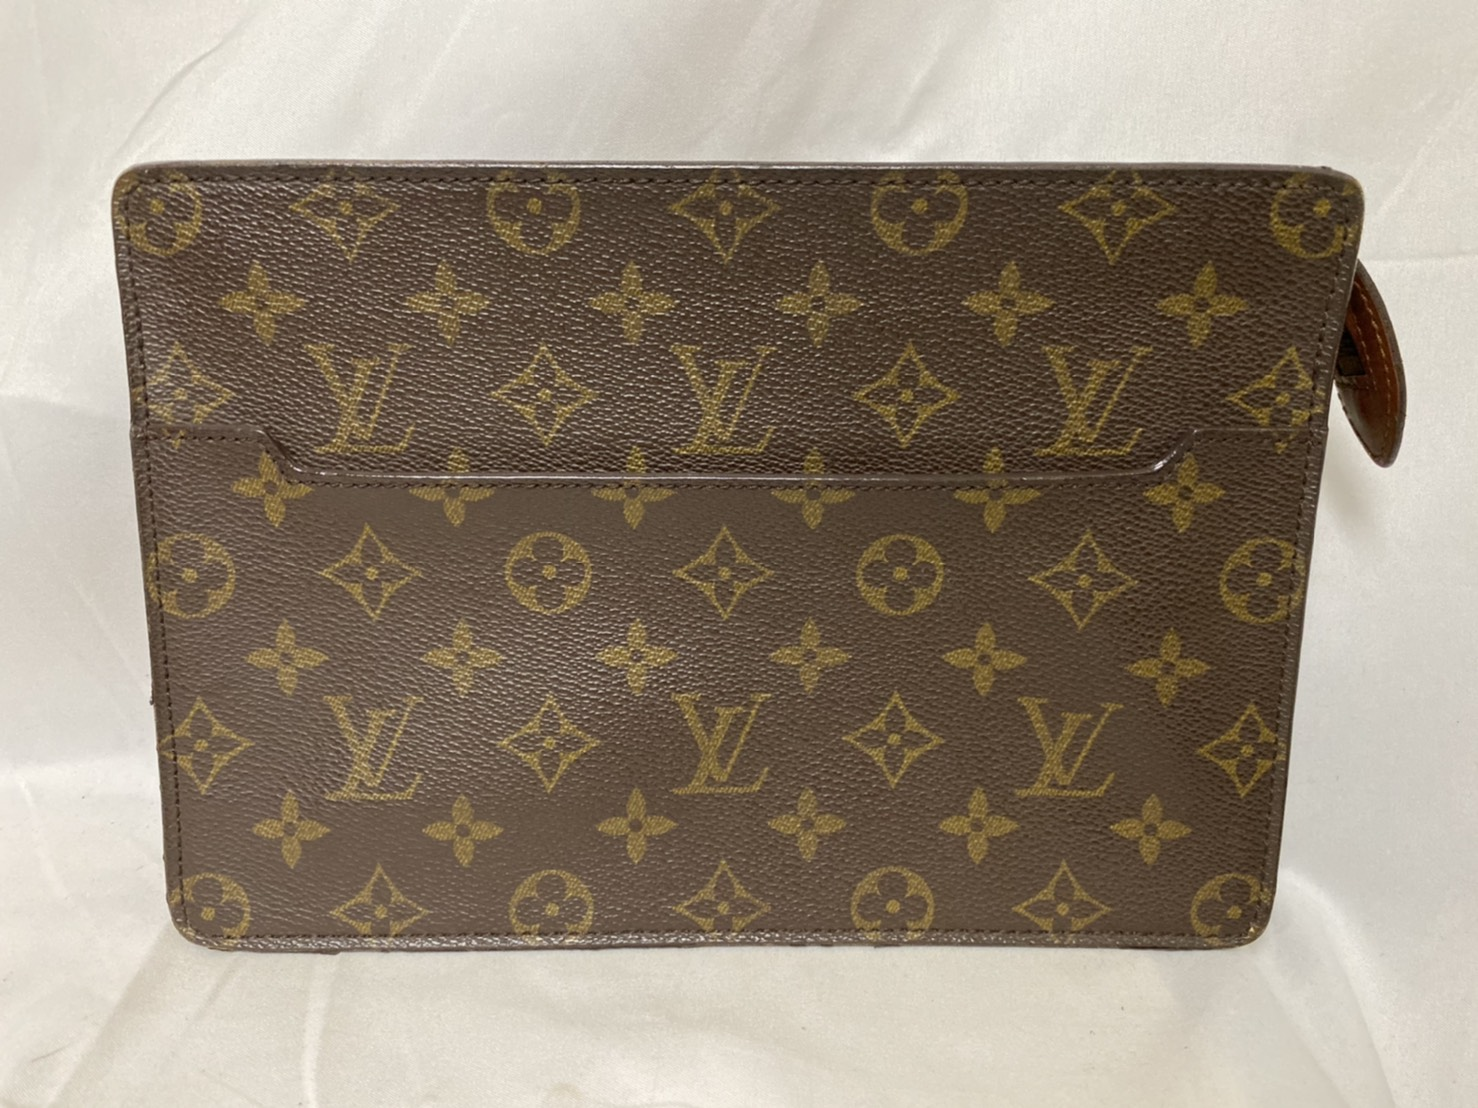 ブランド「ルイ・ヴィトン」商品名「紳士用セカンド・バッグ」カラー「モノグラム」